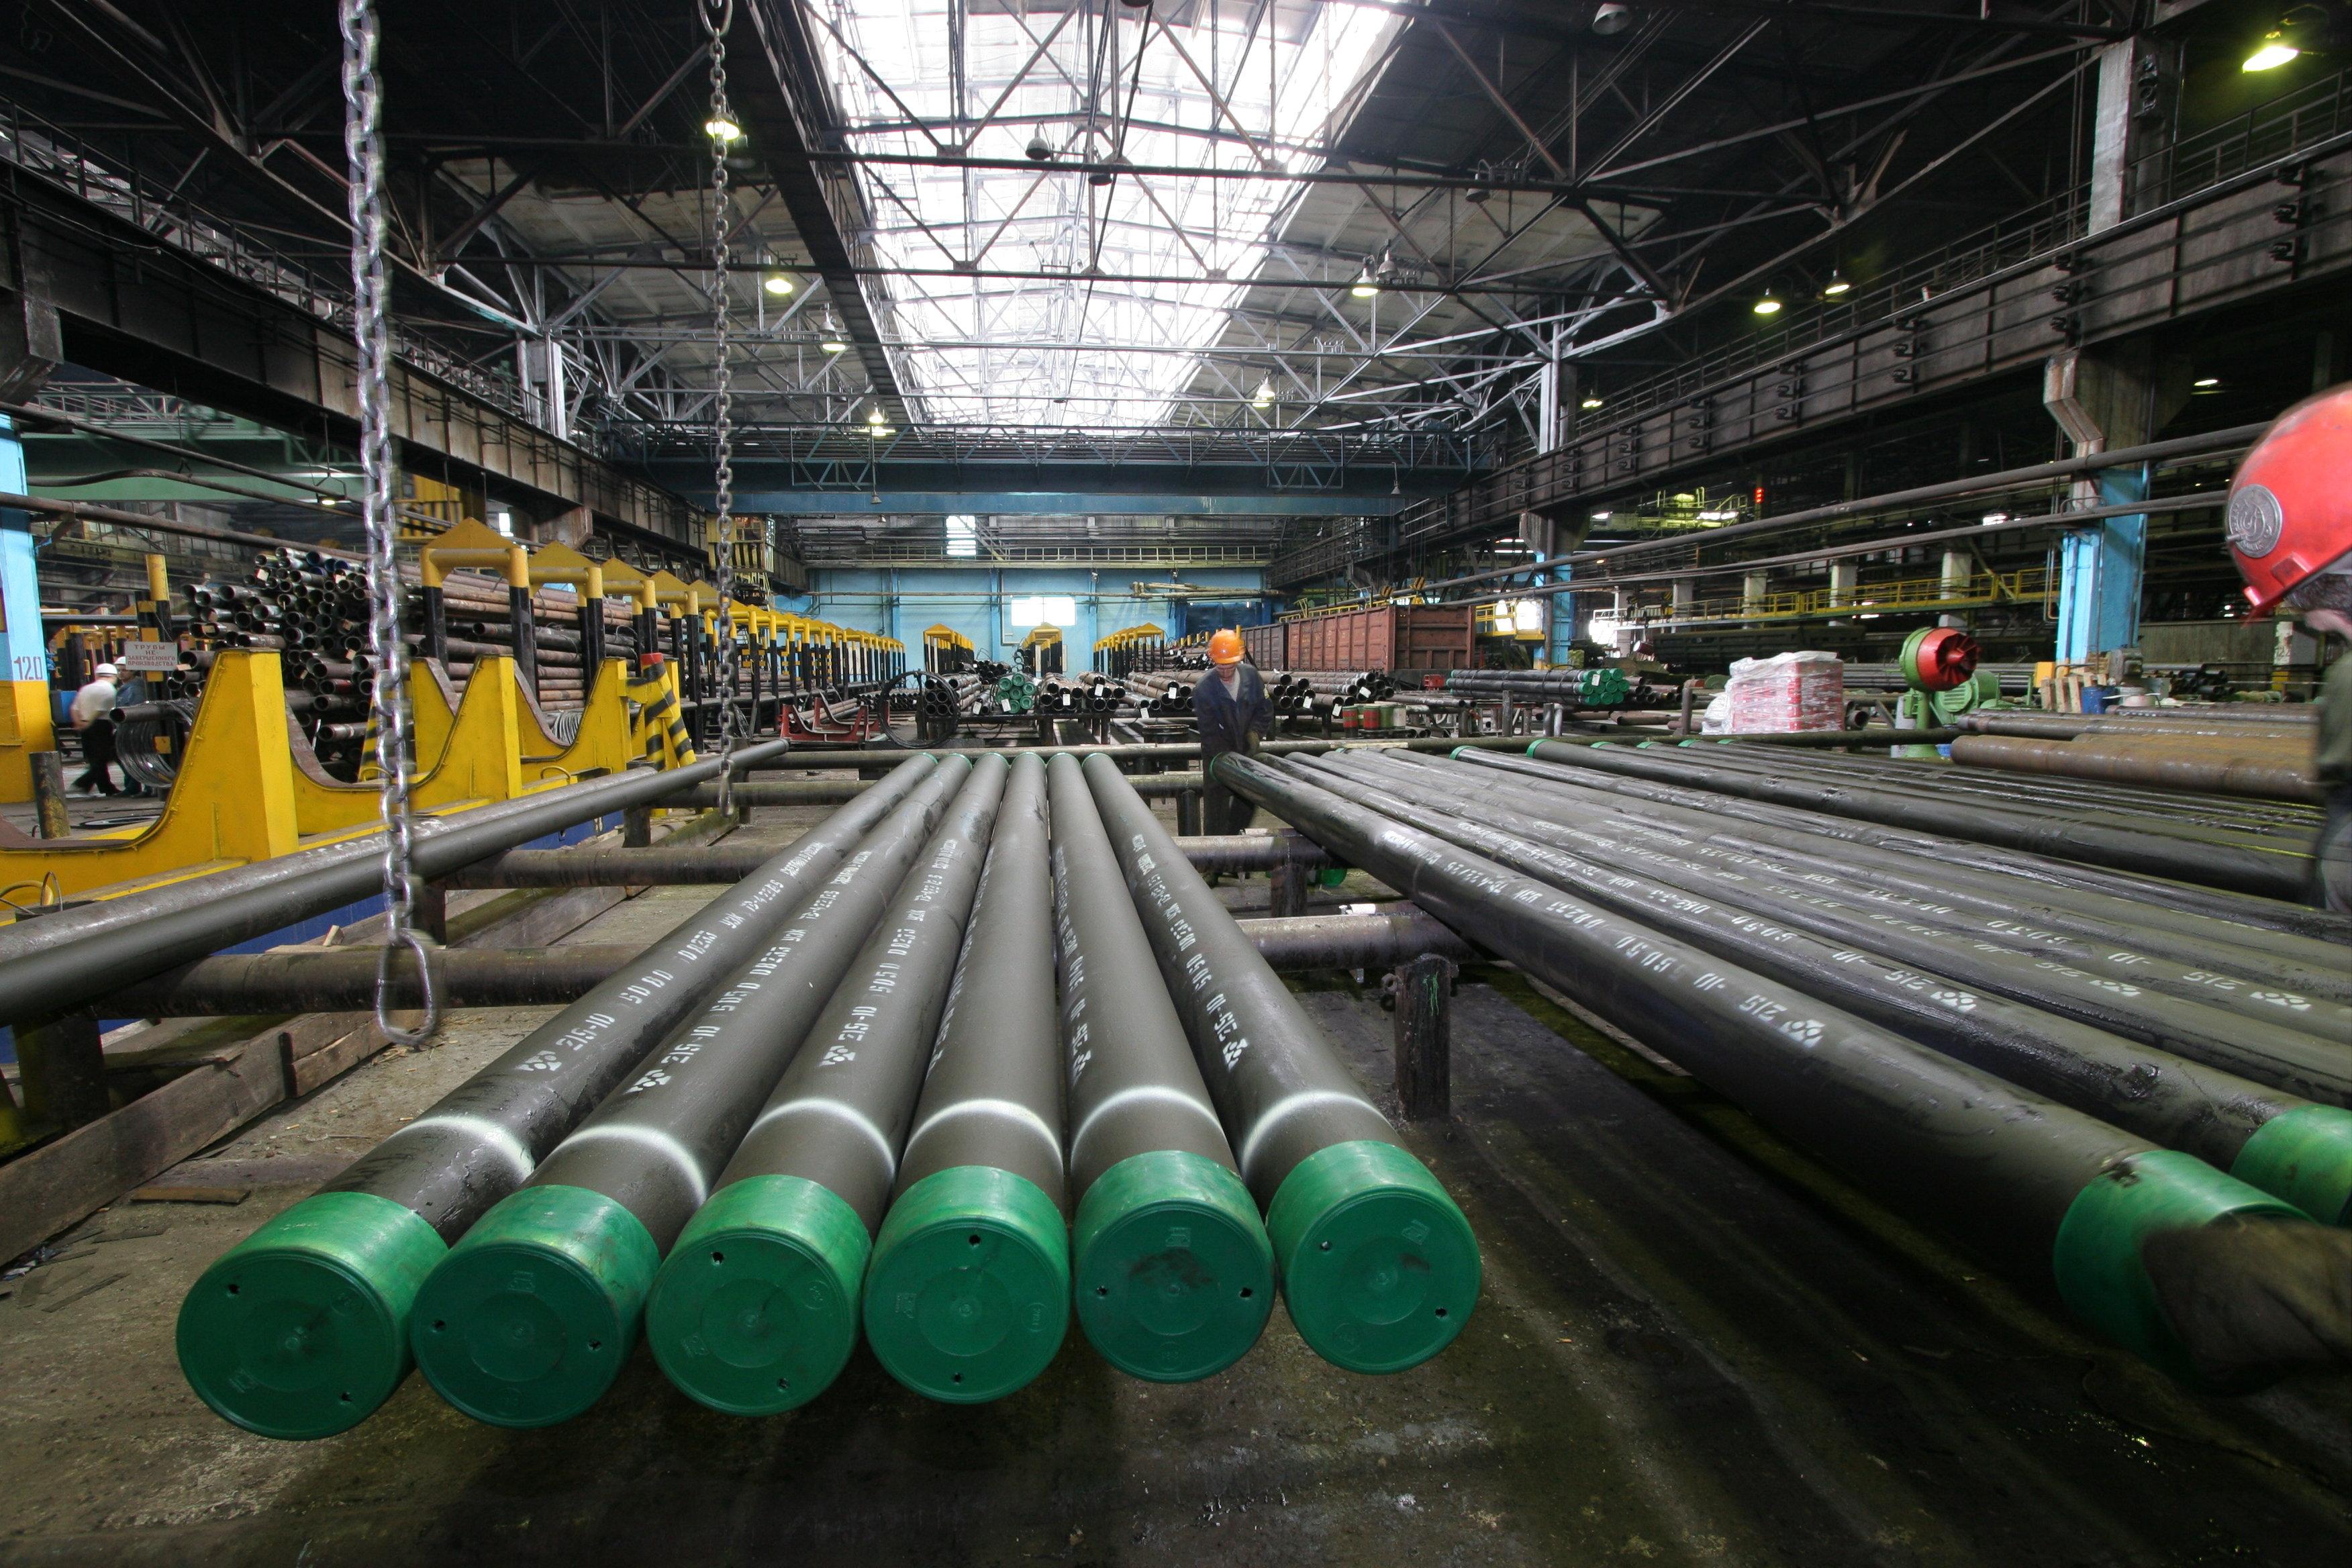 """По сообщению ИА  """"Интерфакс """", ОАО  """"Таганрогский металлургический завод """" в первом полугодии 2013 года отгрузило 338..."""